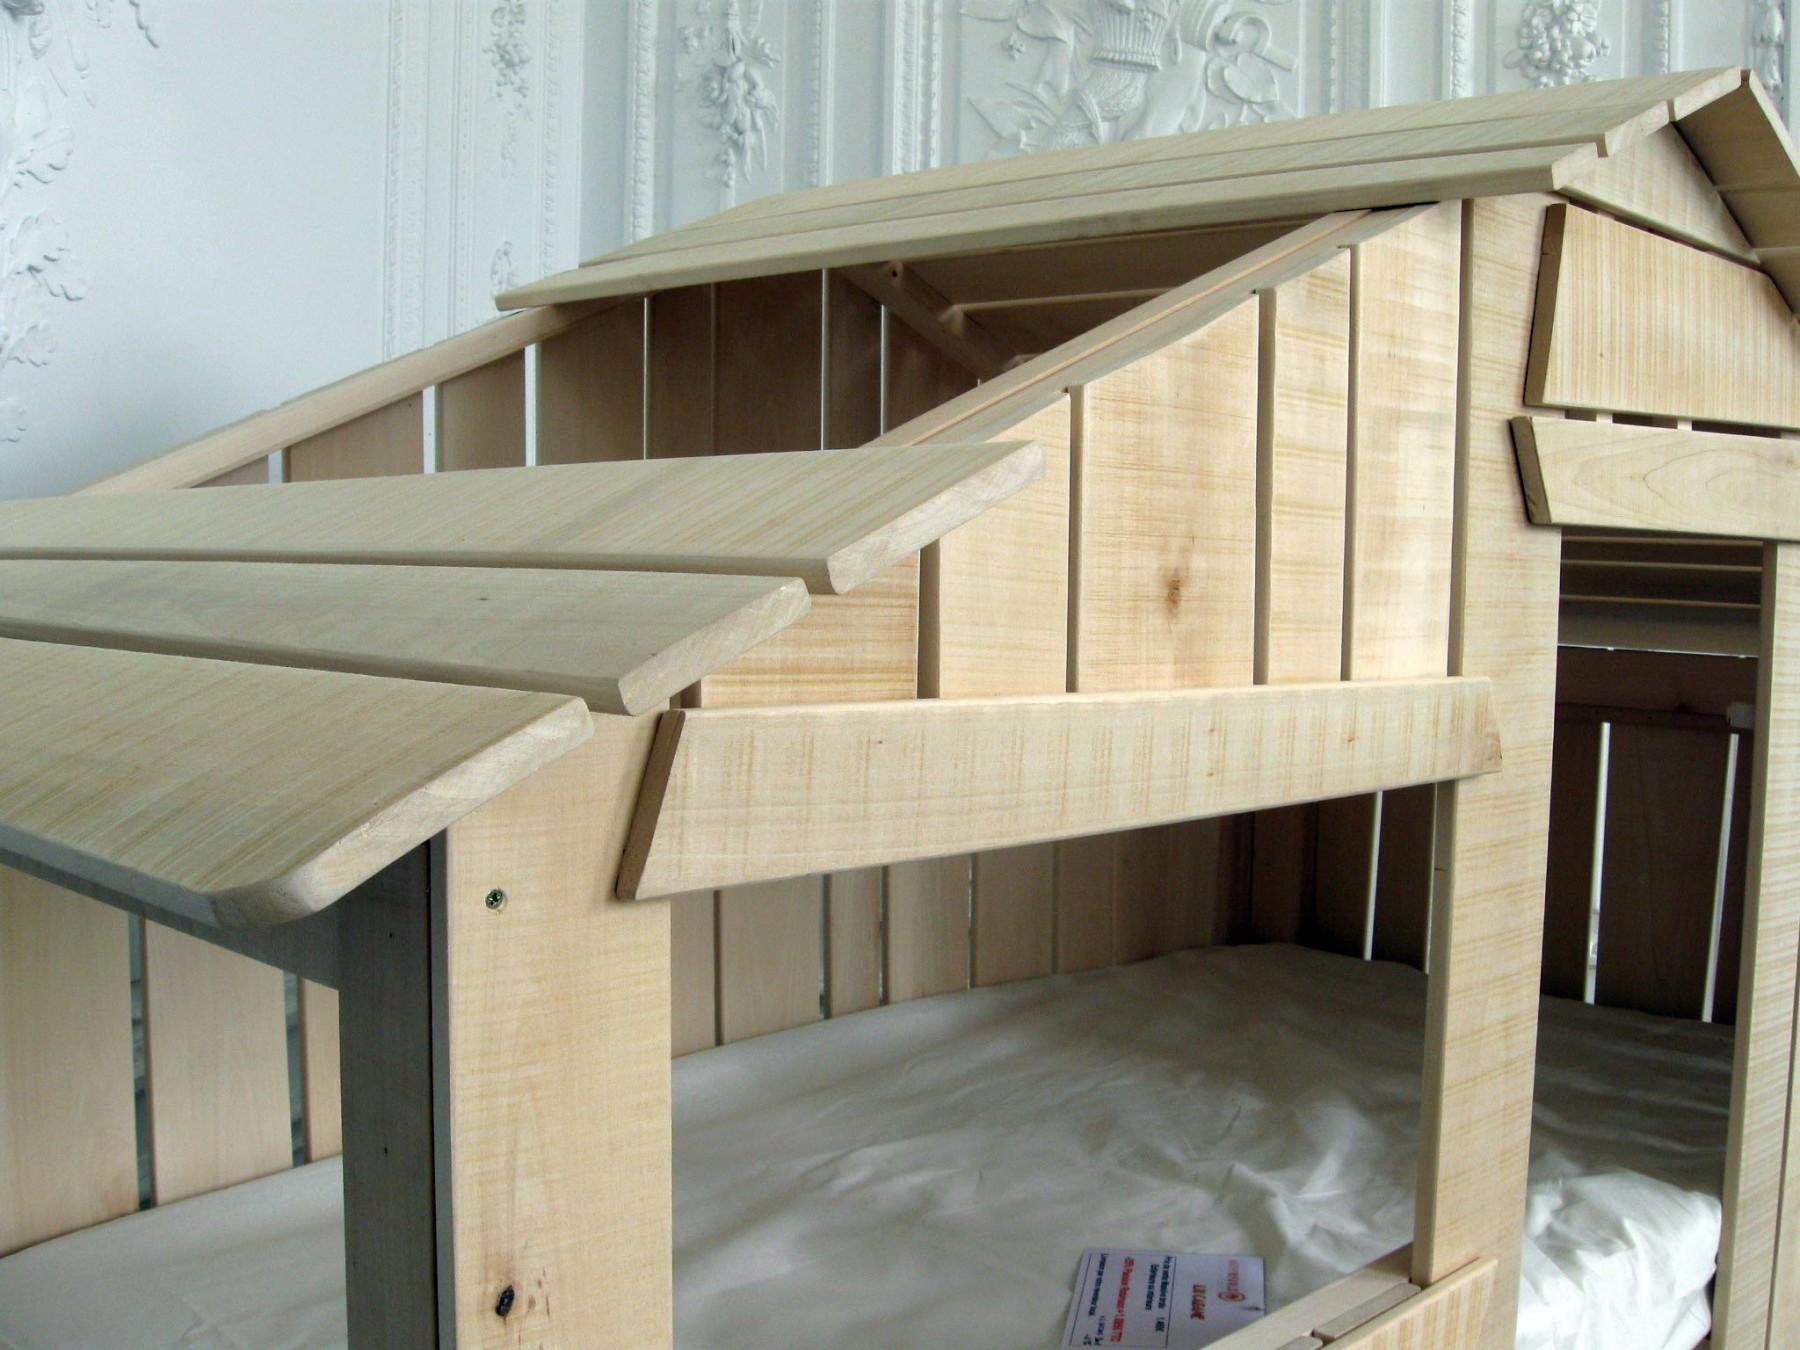 lit cabane enfant simple couchage. Black Bedroom Furniture Sets. Home Design Ideas